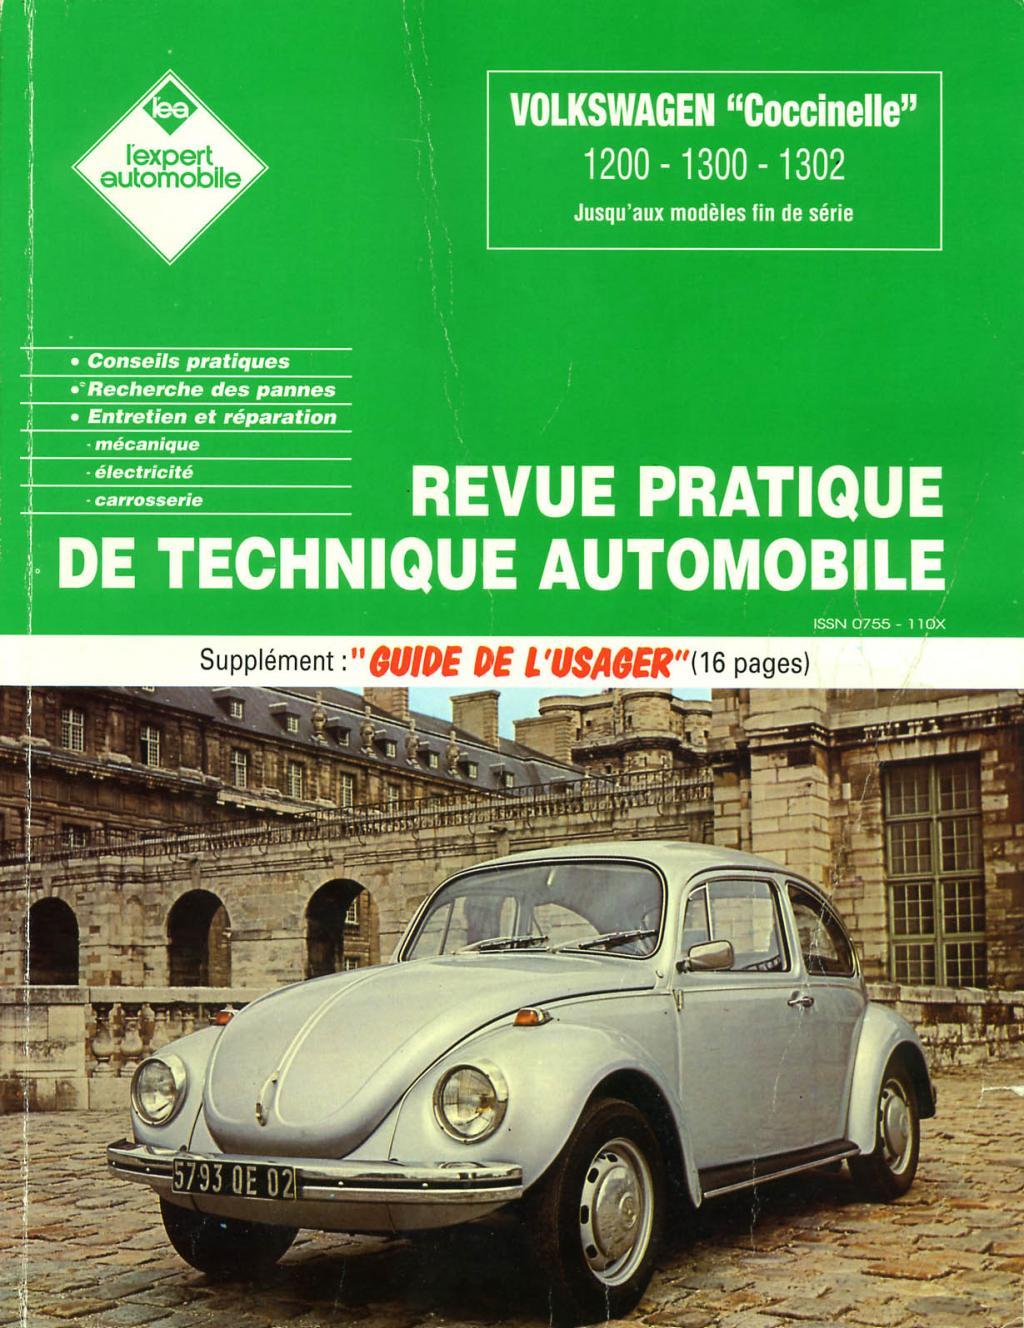 forum vehicules anciens lebracenvrac revue technique automobile volkswagen coccinelle. Black Bedroom Furniture Sets. Home Design Ideas